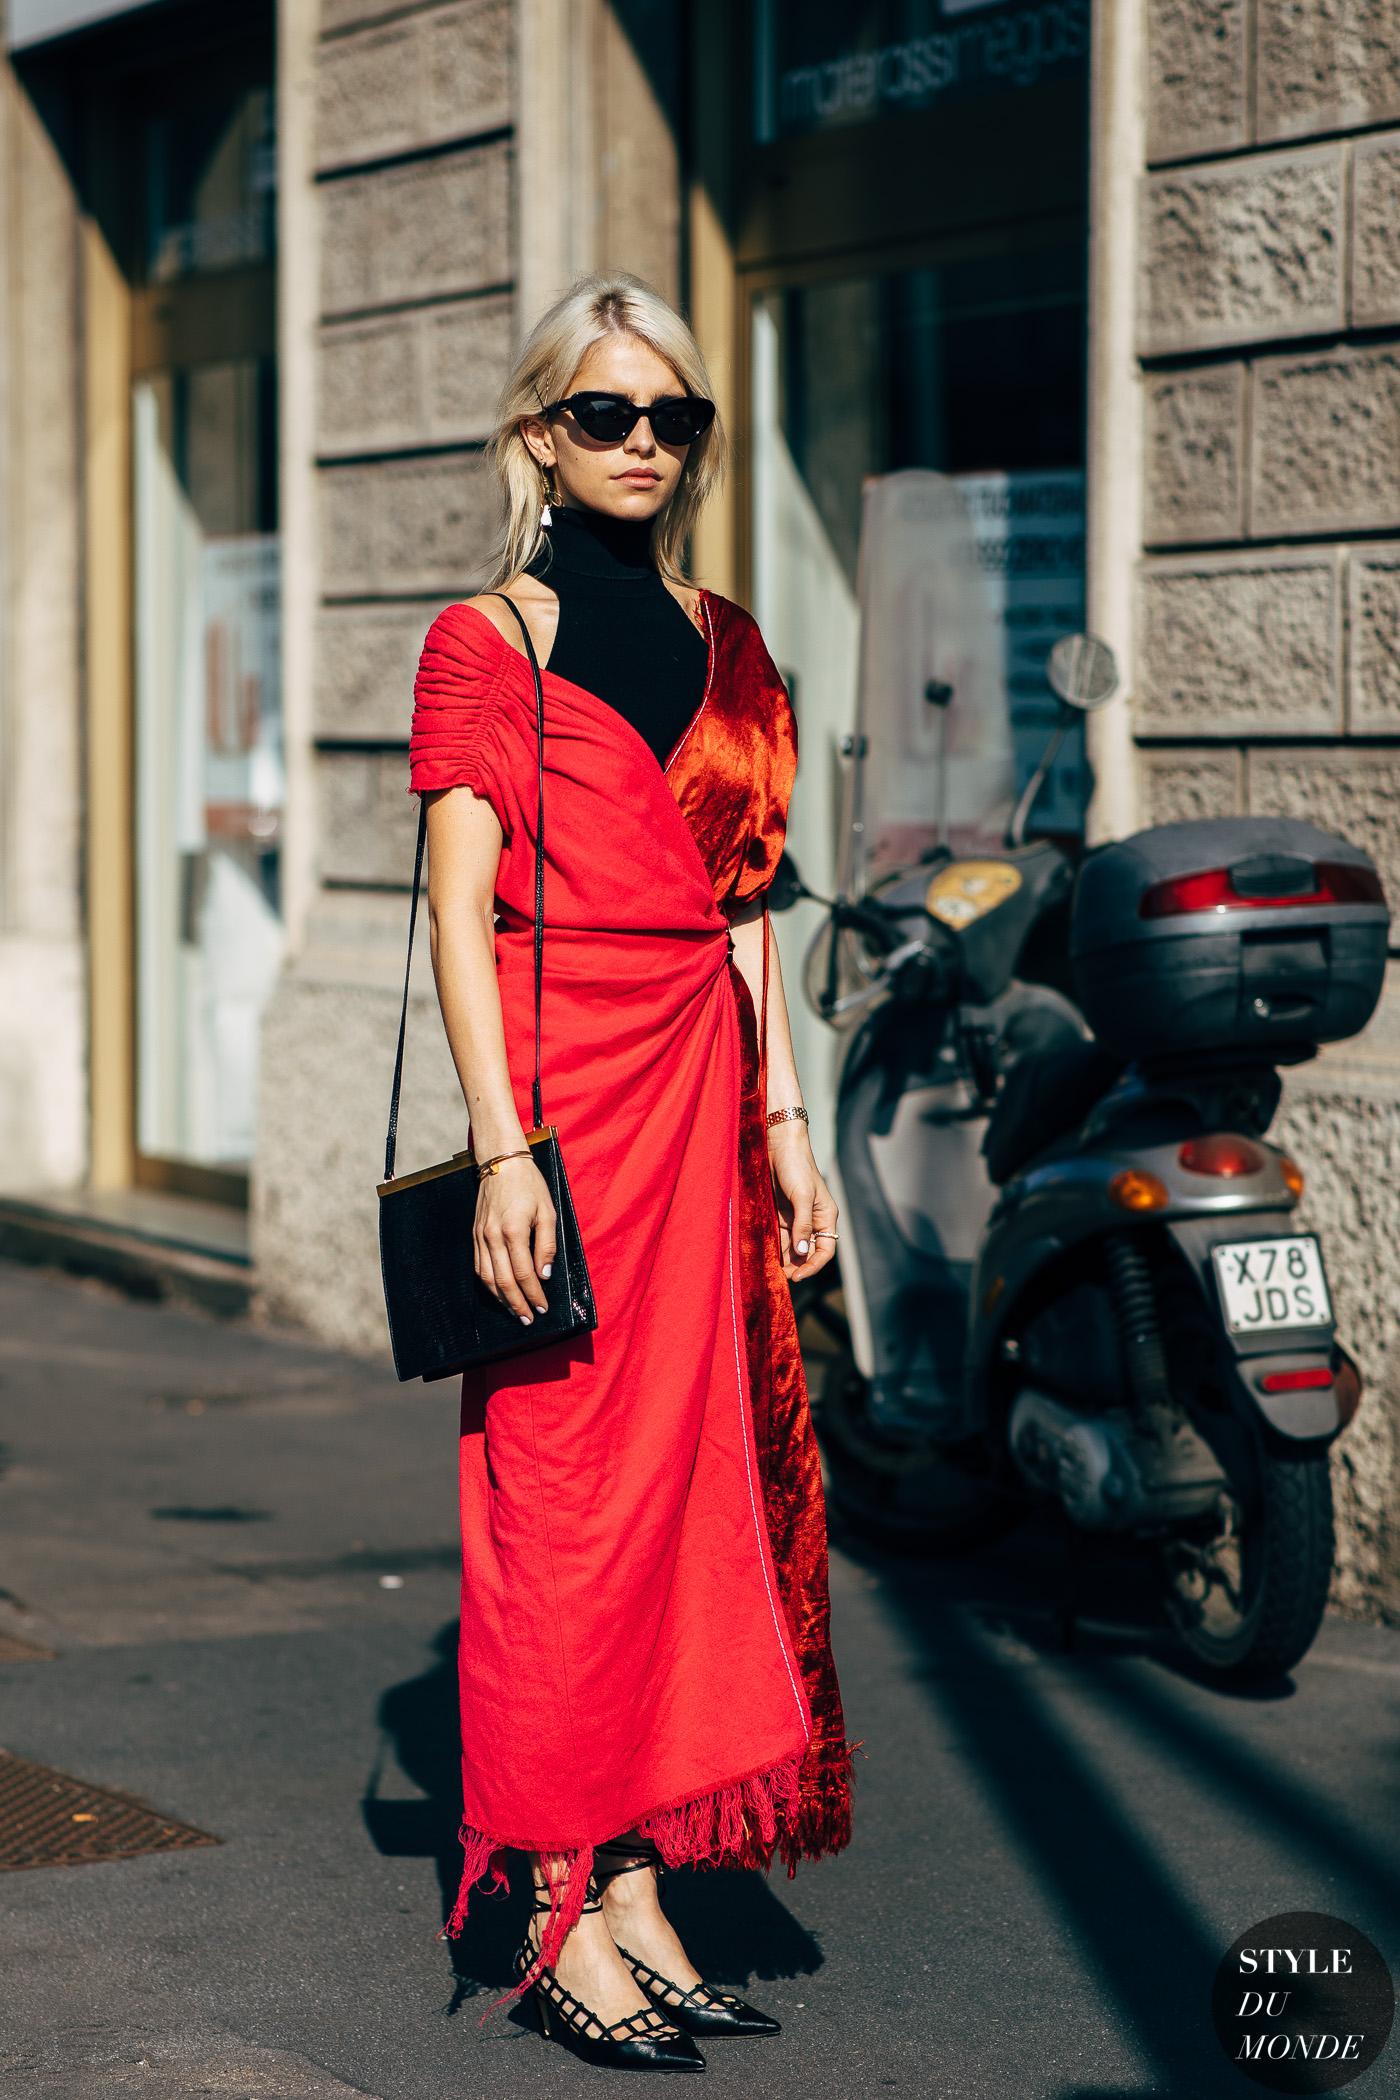 thời trang cung hoàng đạo - fashionista mặc đầm đỏ hồng và đeo kính đen